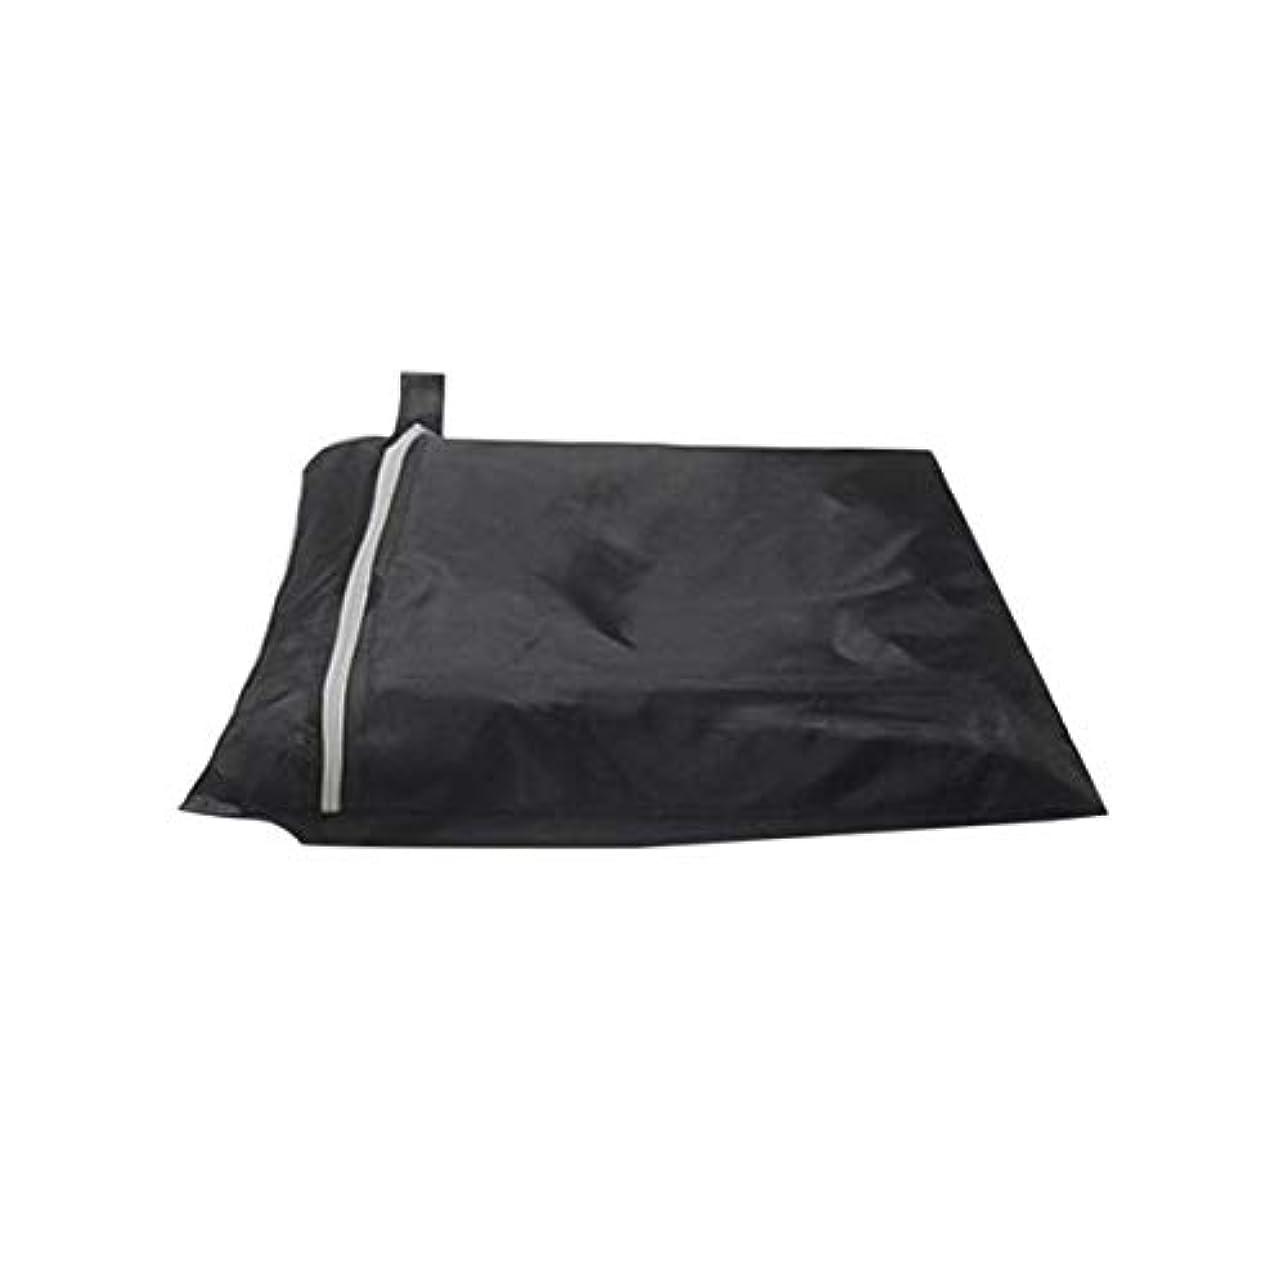 五月月曜日終わりガスバーベキューグリルのための防雨防水バーベキューカバー屋外ストレージ大型防塵190Tポリエステル保護カバー-ブラック170 * 61 * 117cm